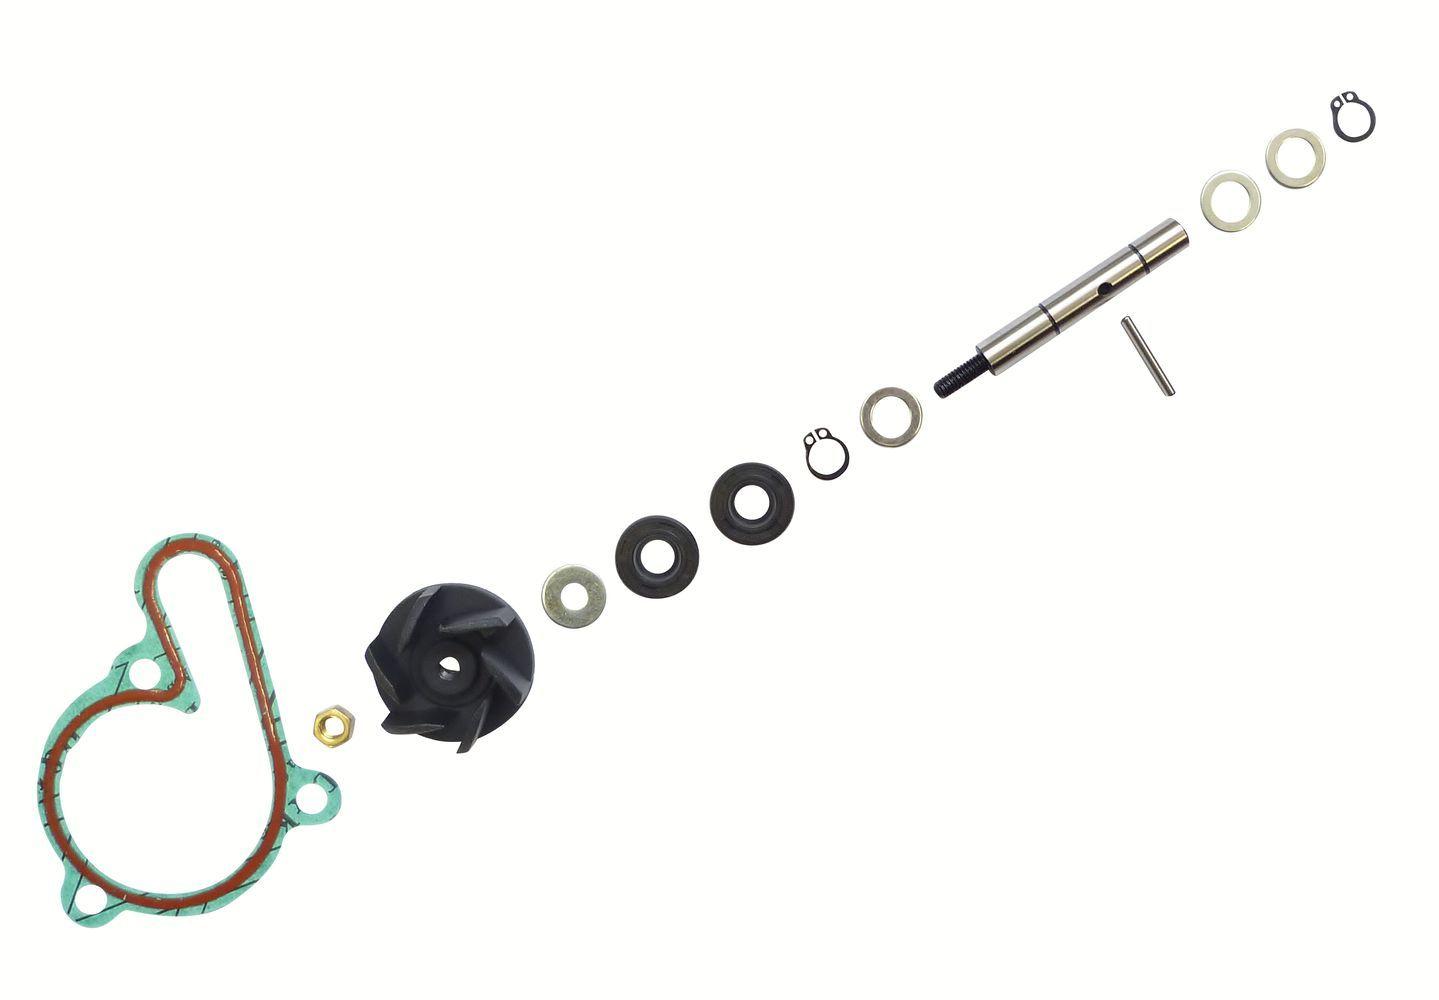 Kit de réparation de pompe à eau Top Performances pour Derbi Senda R D